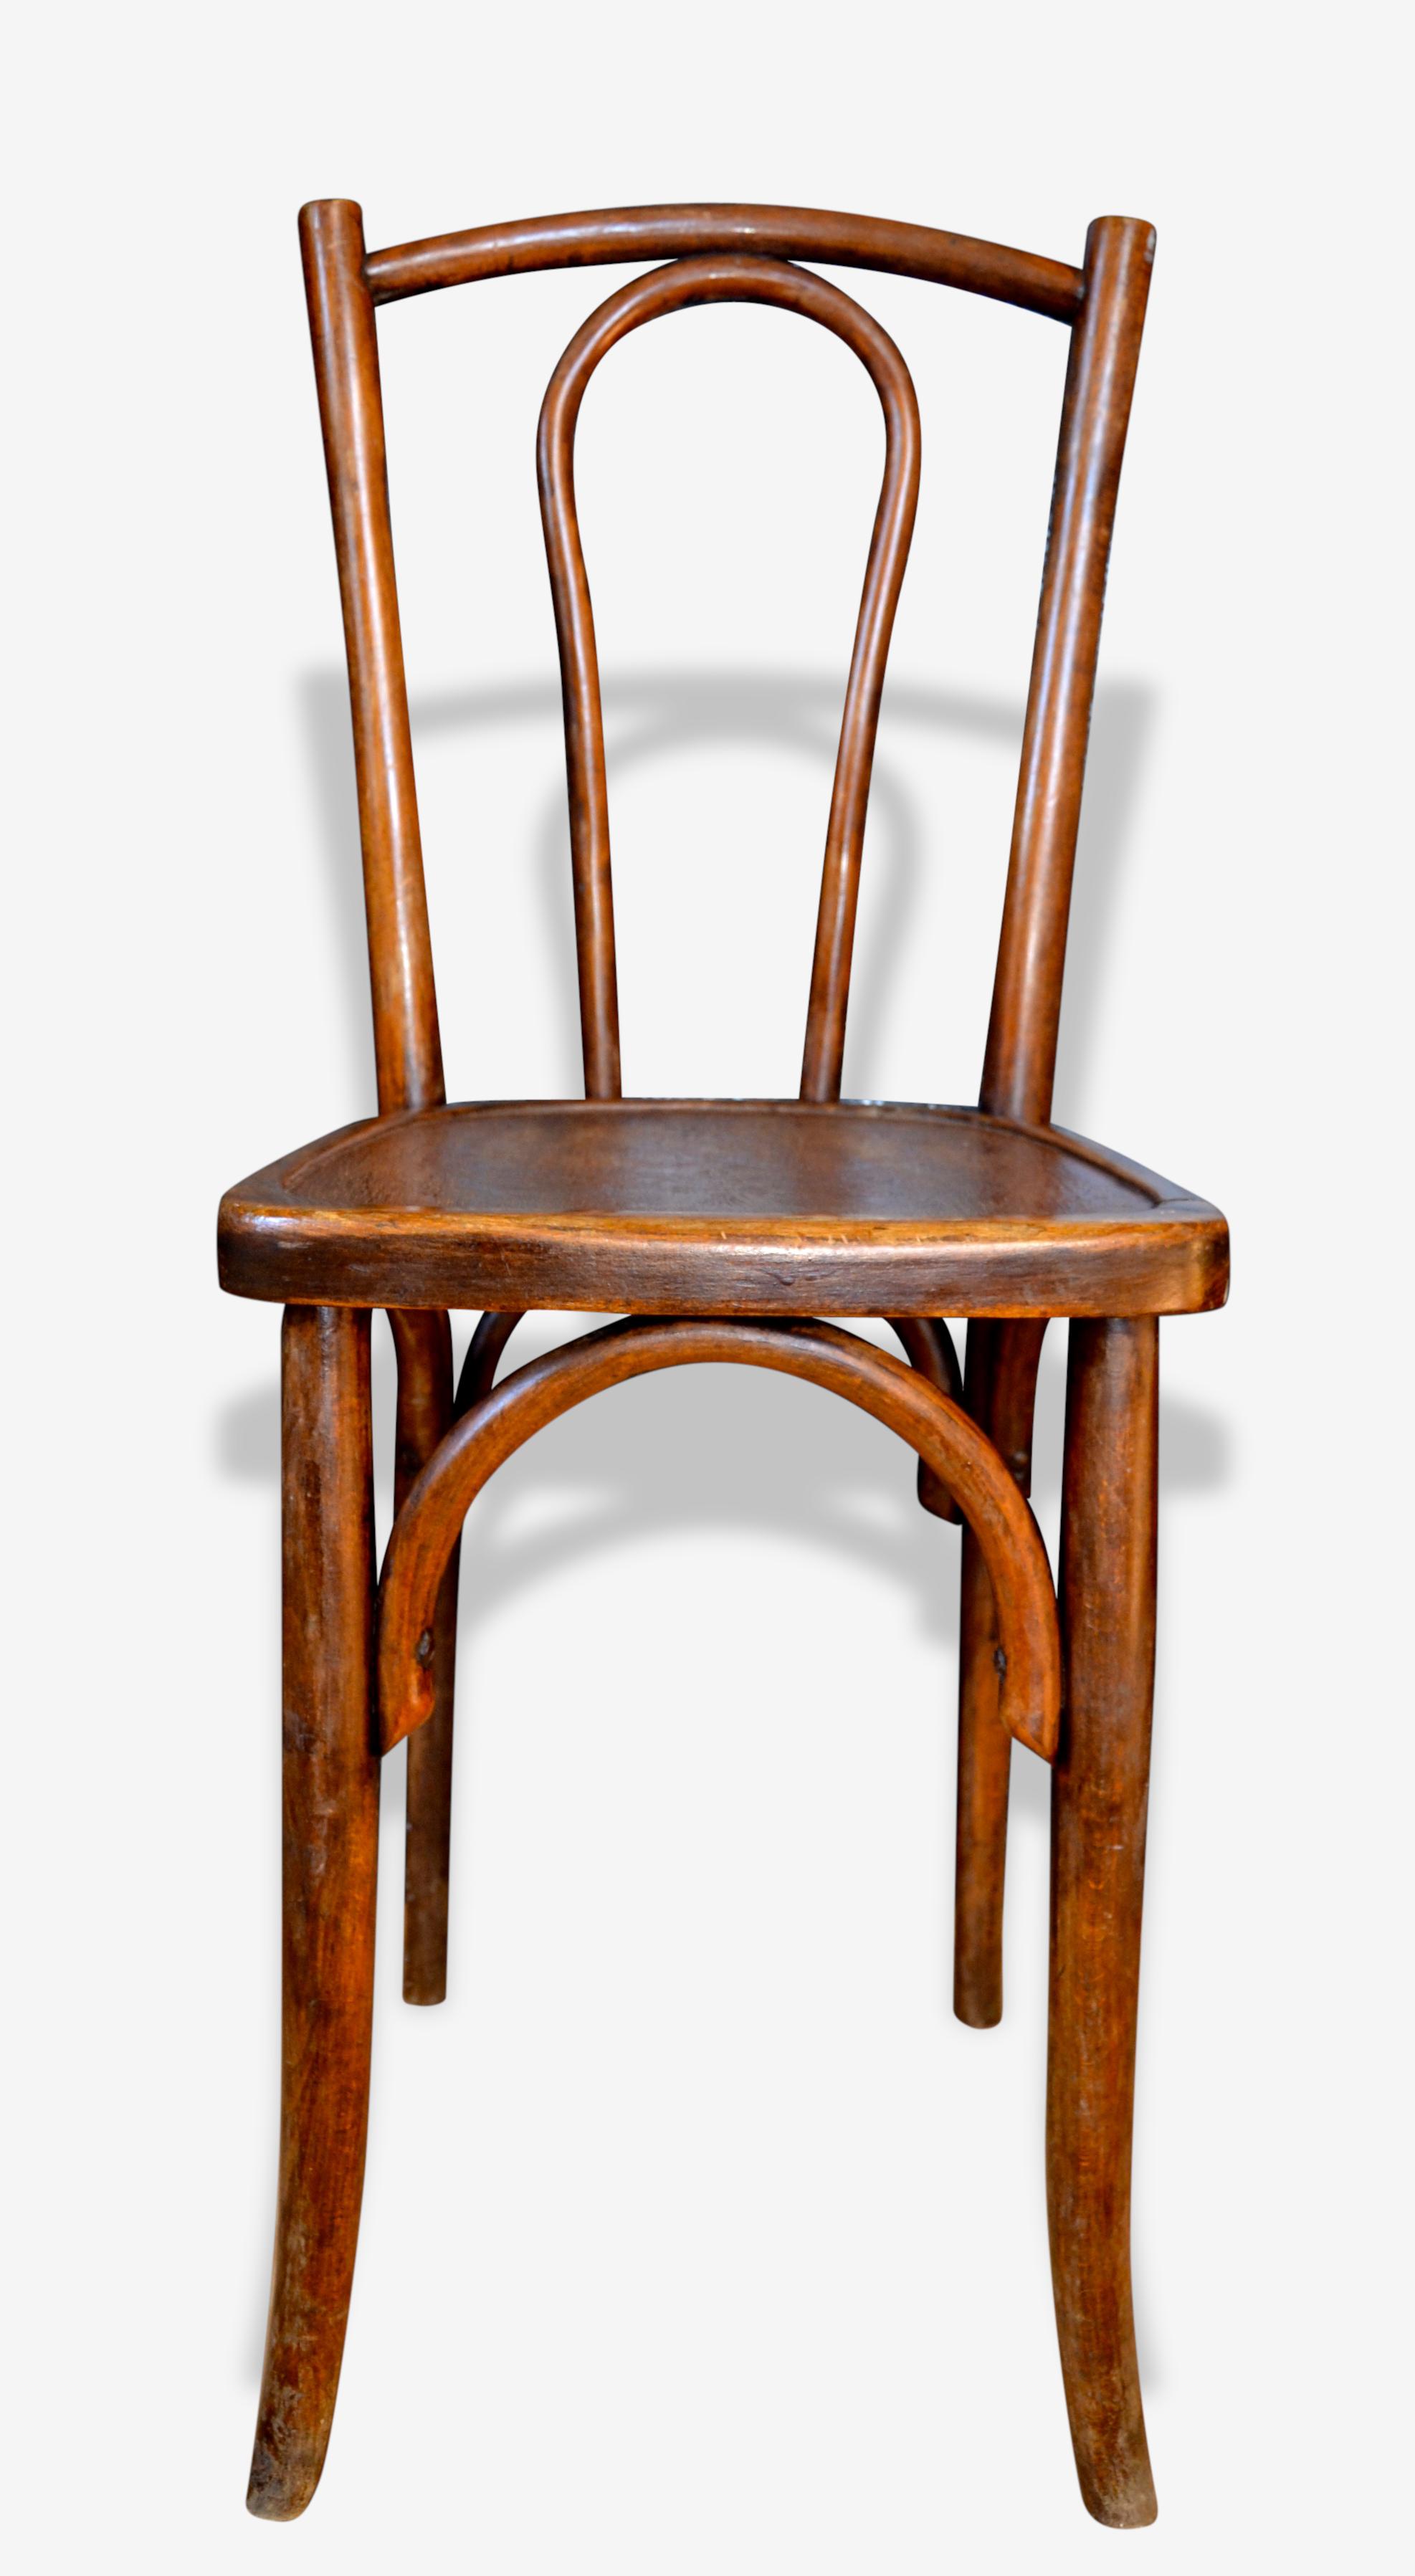 Chaise de bistrot, BAUMANN pour JAPY FRÈRES, assise gravée.